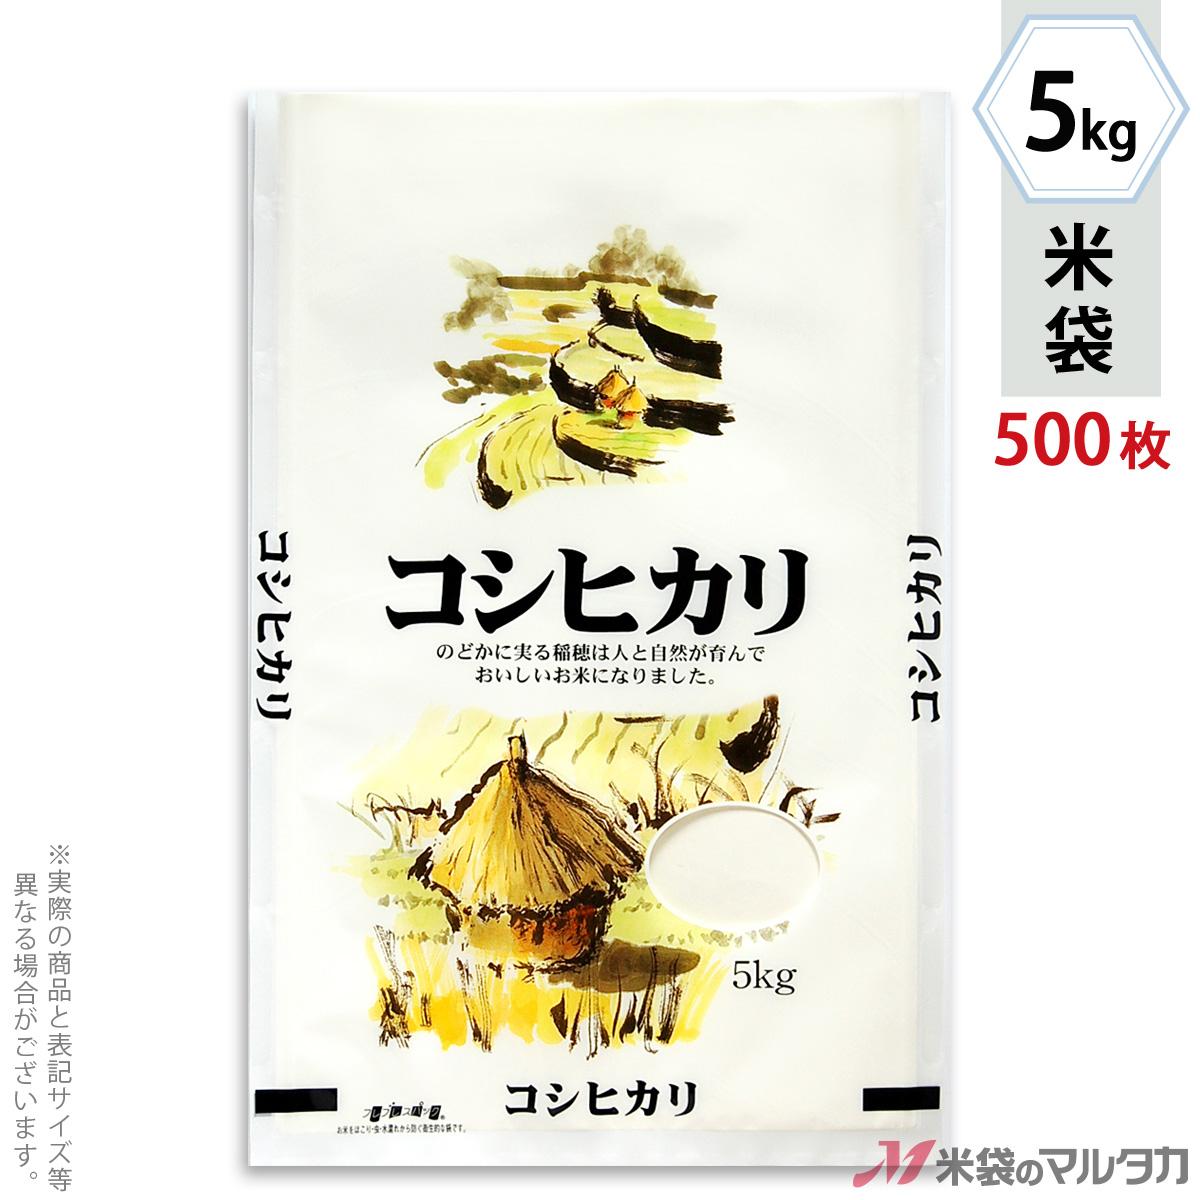 お米の安心に確かな実績 フレブレスパック 5kg用 米袋 ラミ フレブレス ふるさと MN-9100 コシヒカリ 1ケース 500枚入 5kg 購買 在庫あり